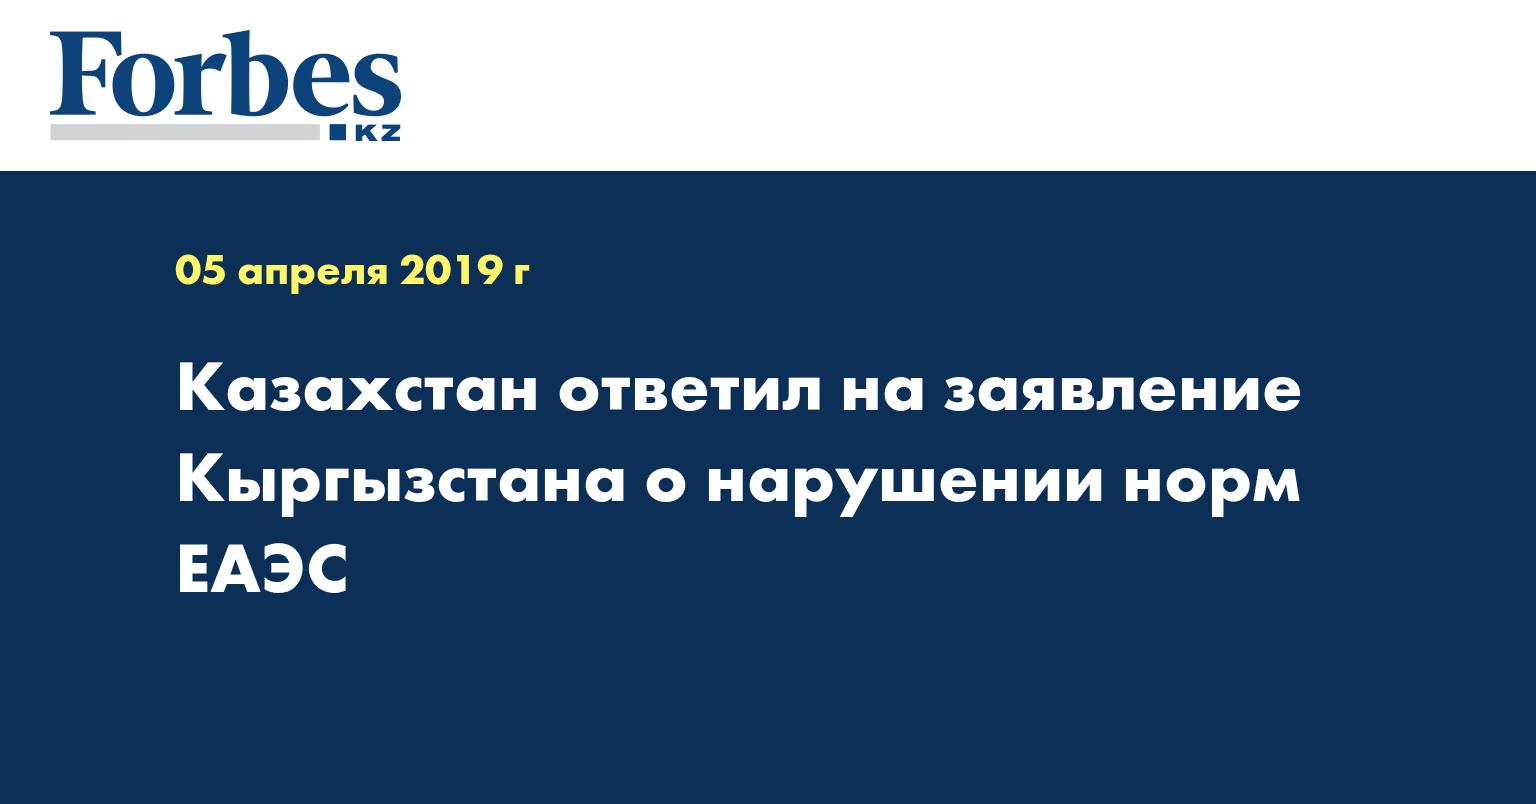 Казахстан ответил на заявление Кыргызстана о нарушении норм ЕАЭС